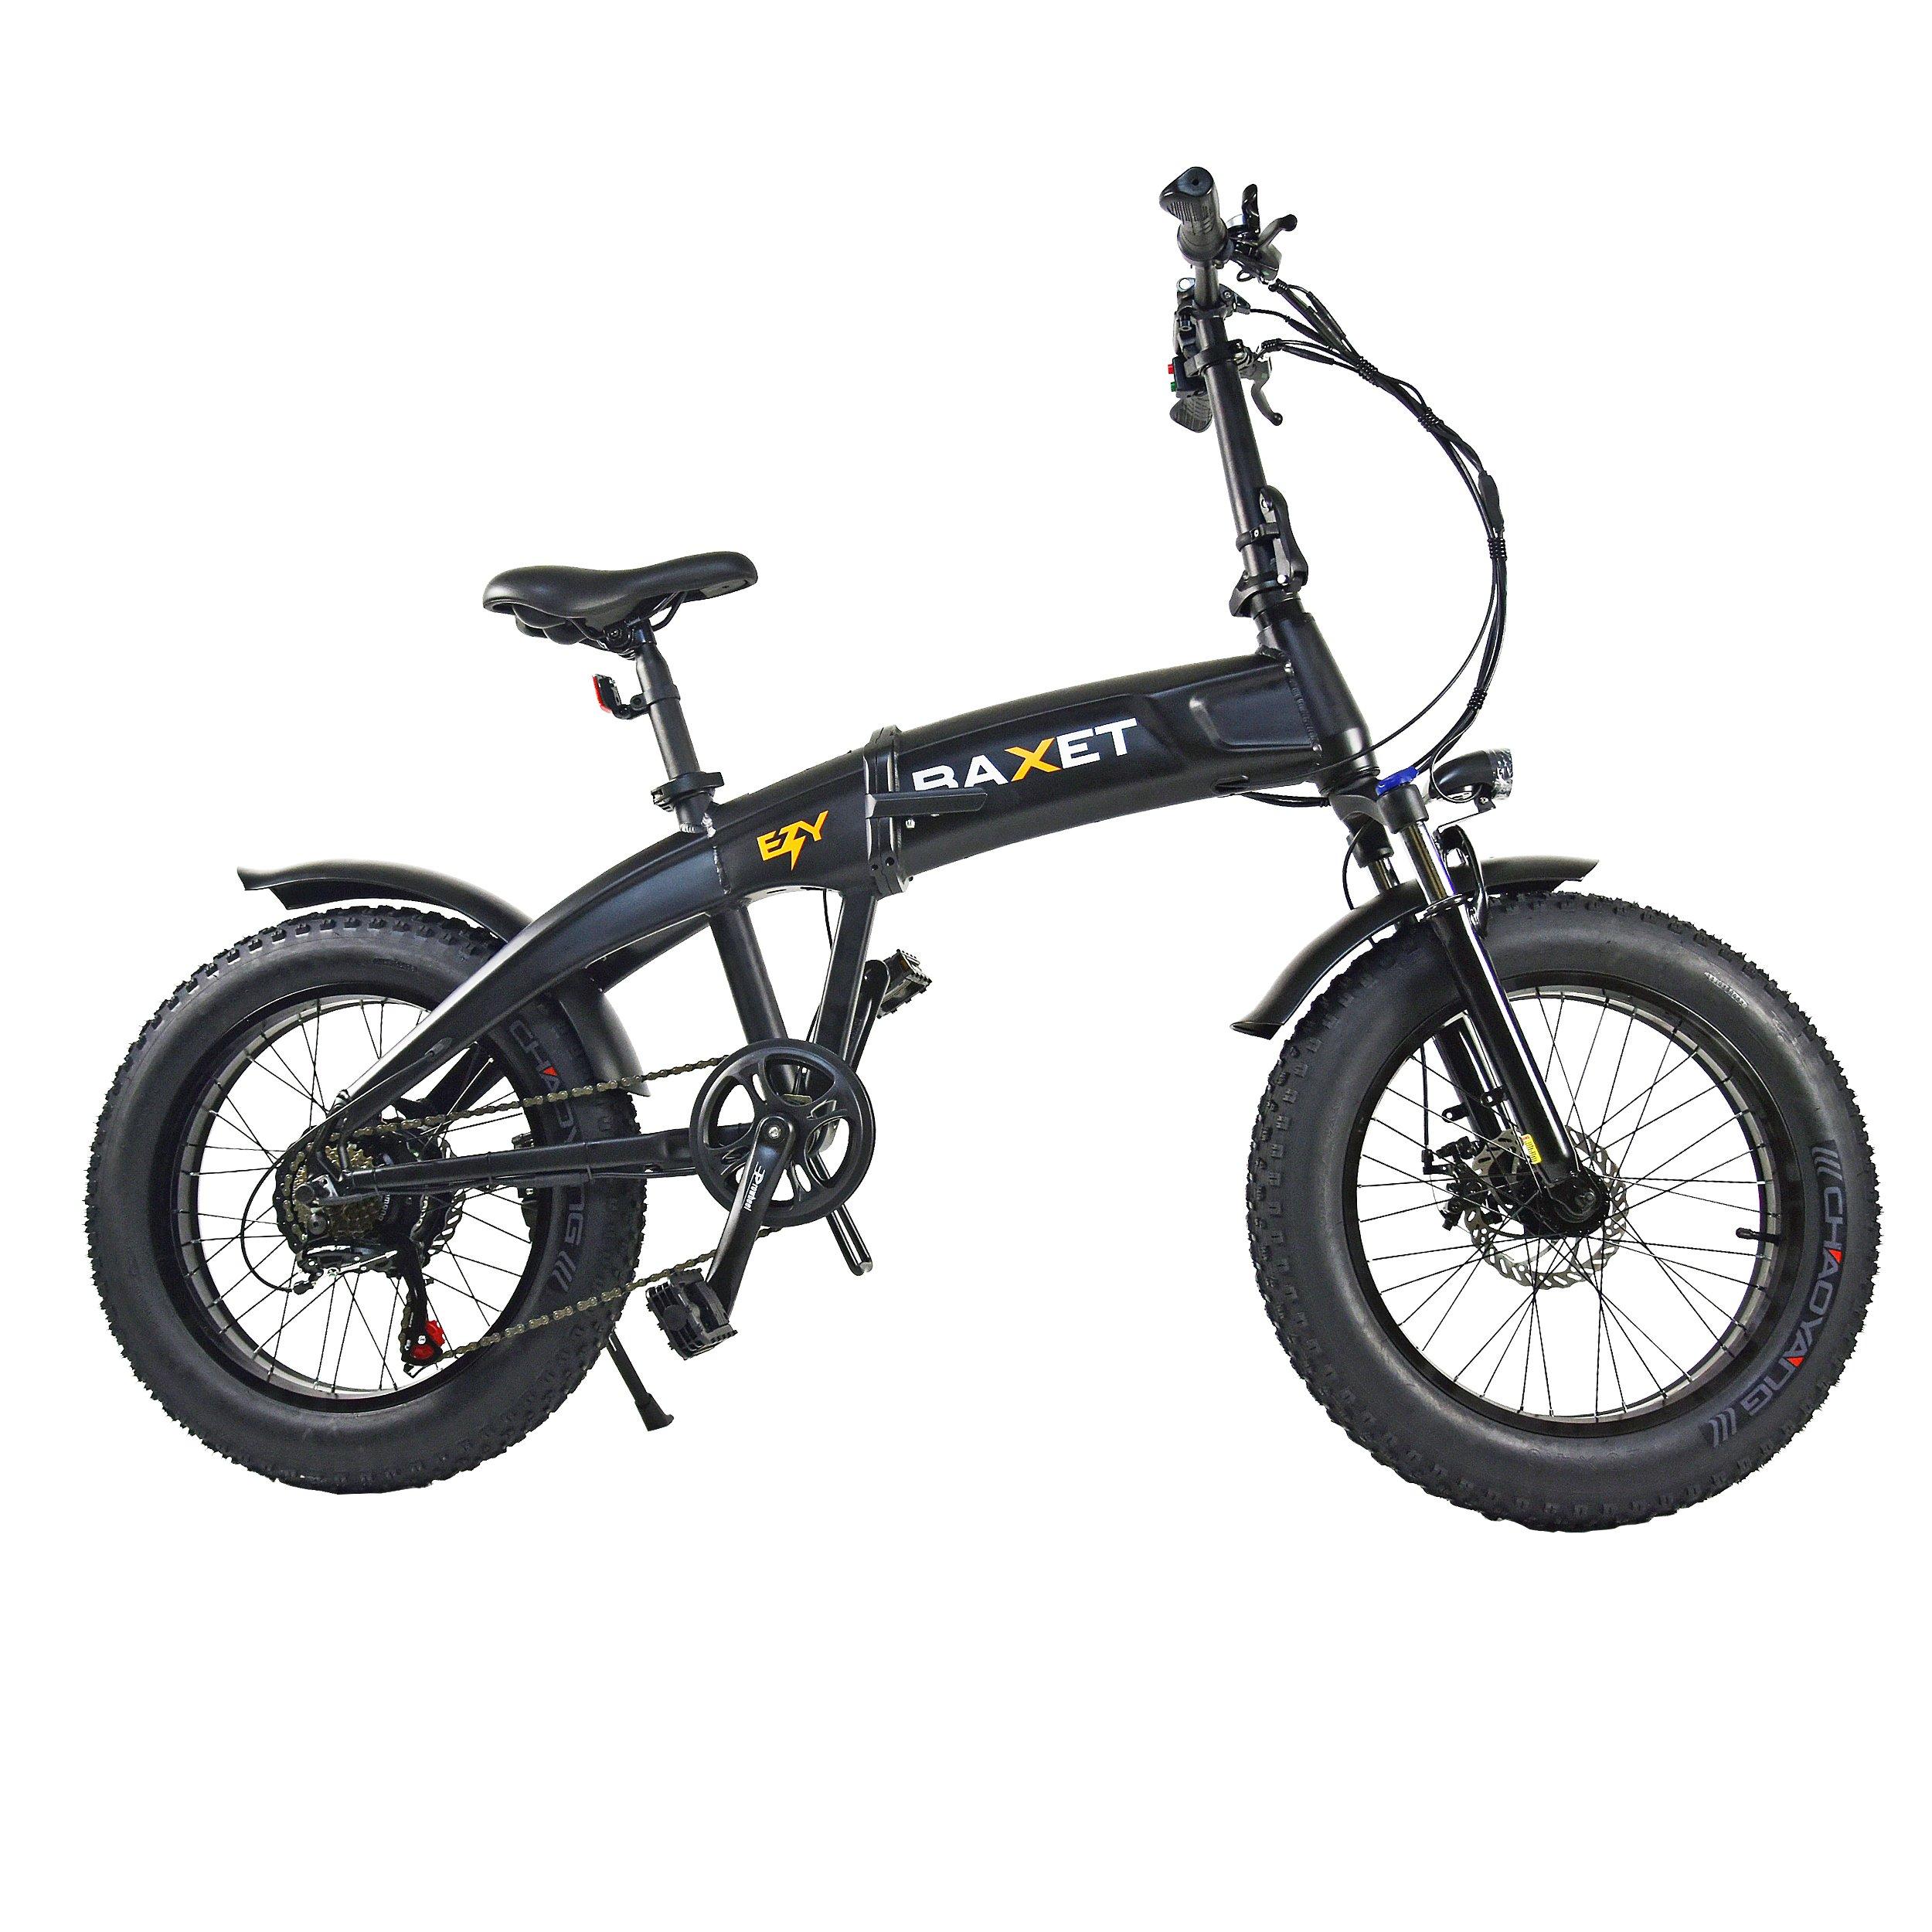 ezy bike nera